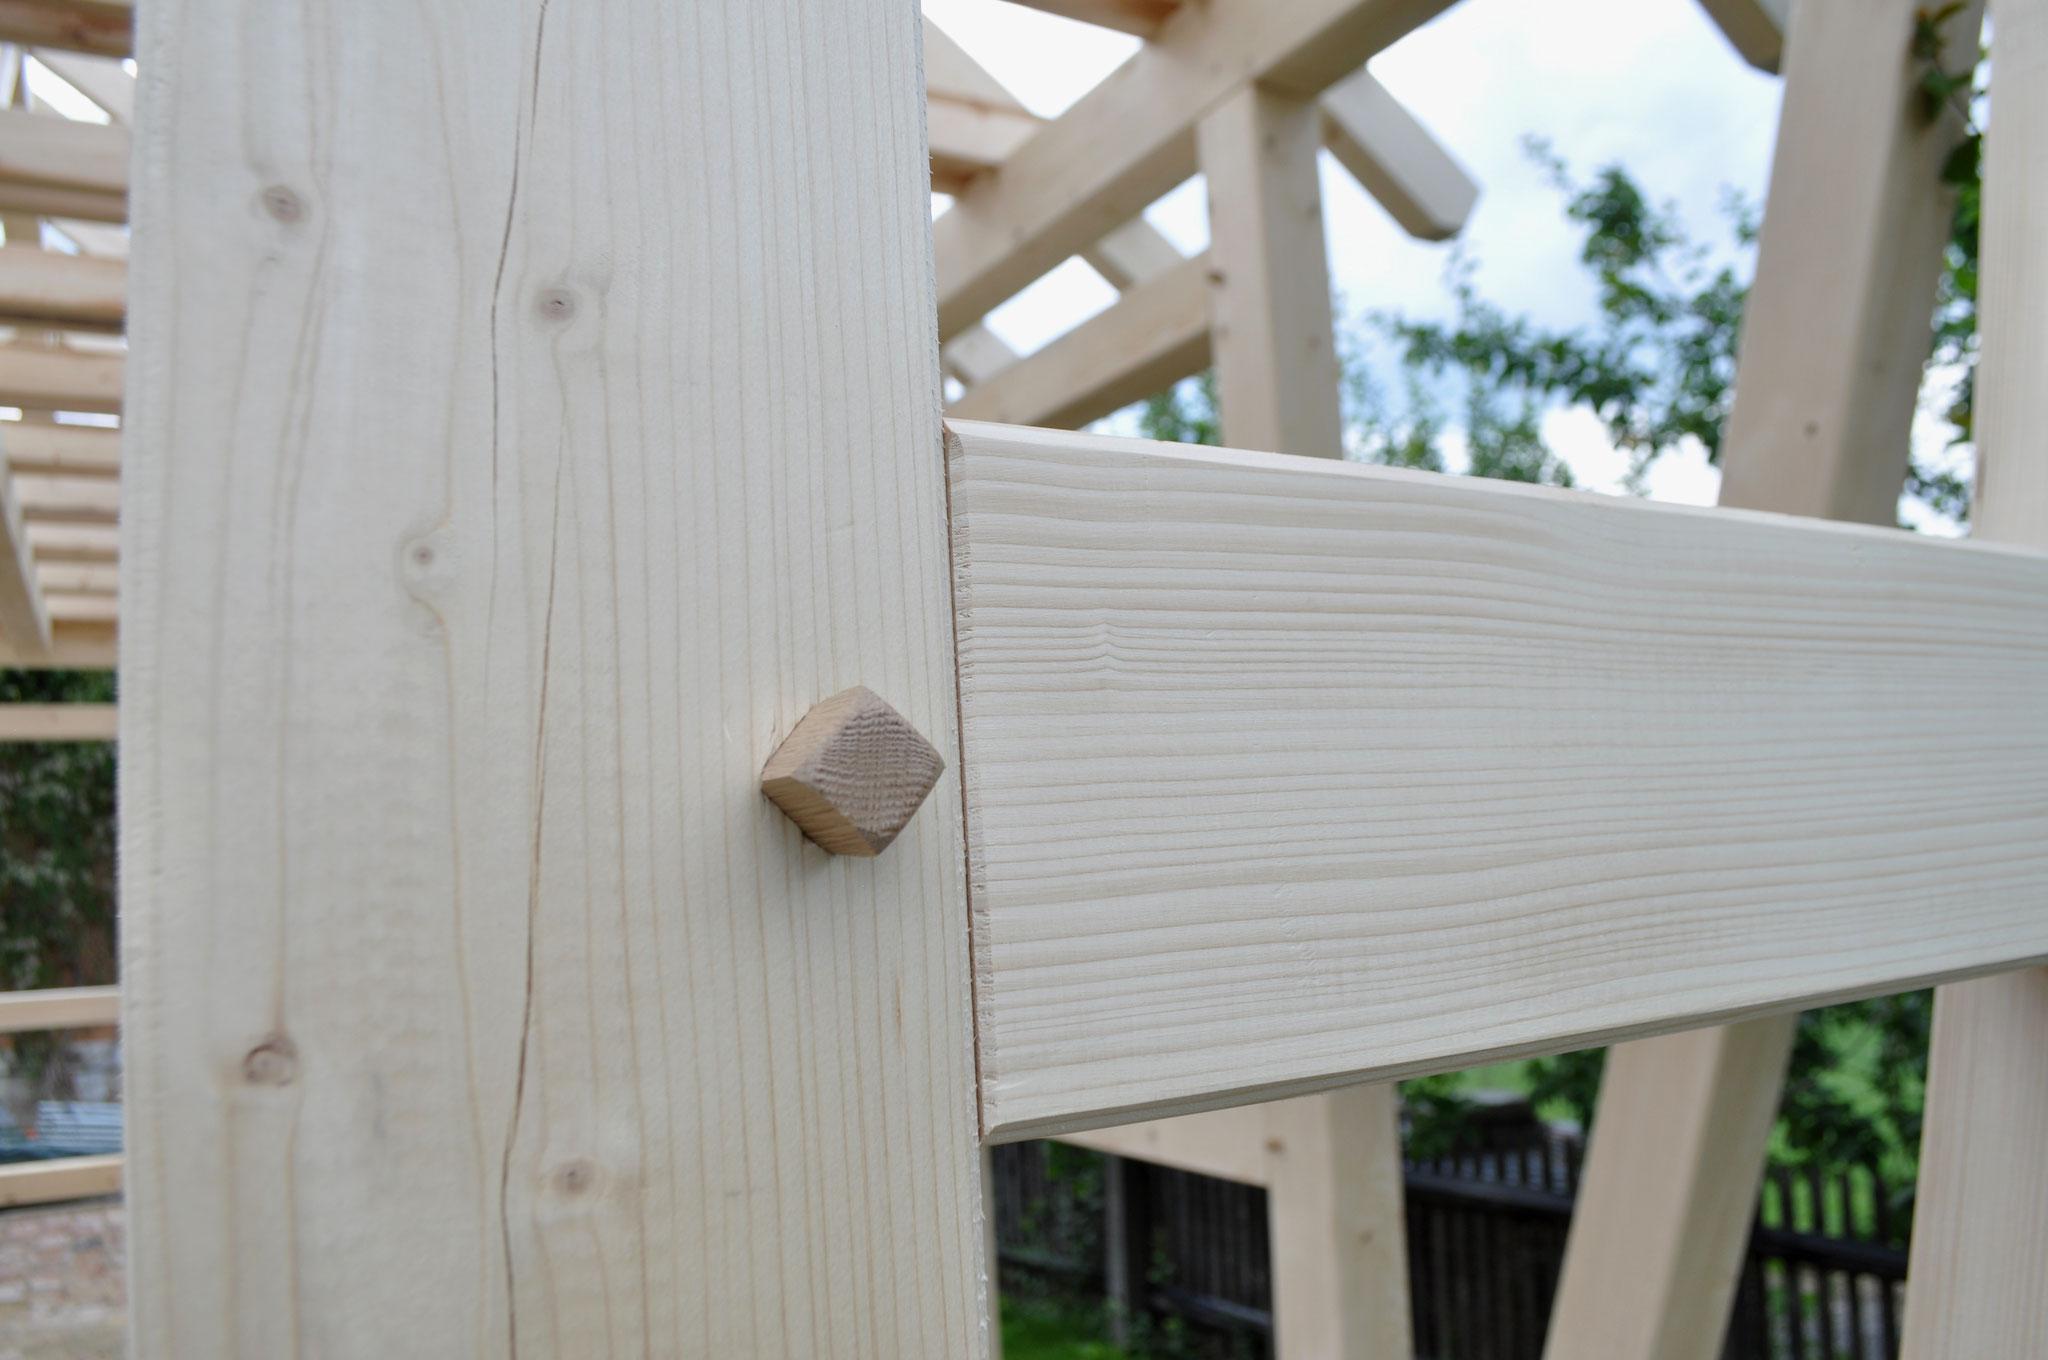 Loch-/Zapfenverbindung mit Eichenholznägeln